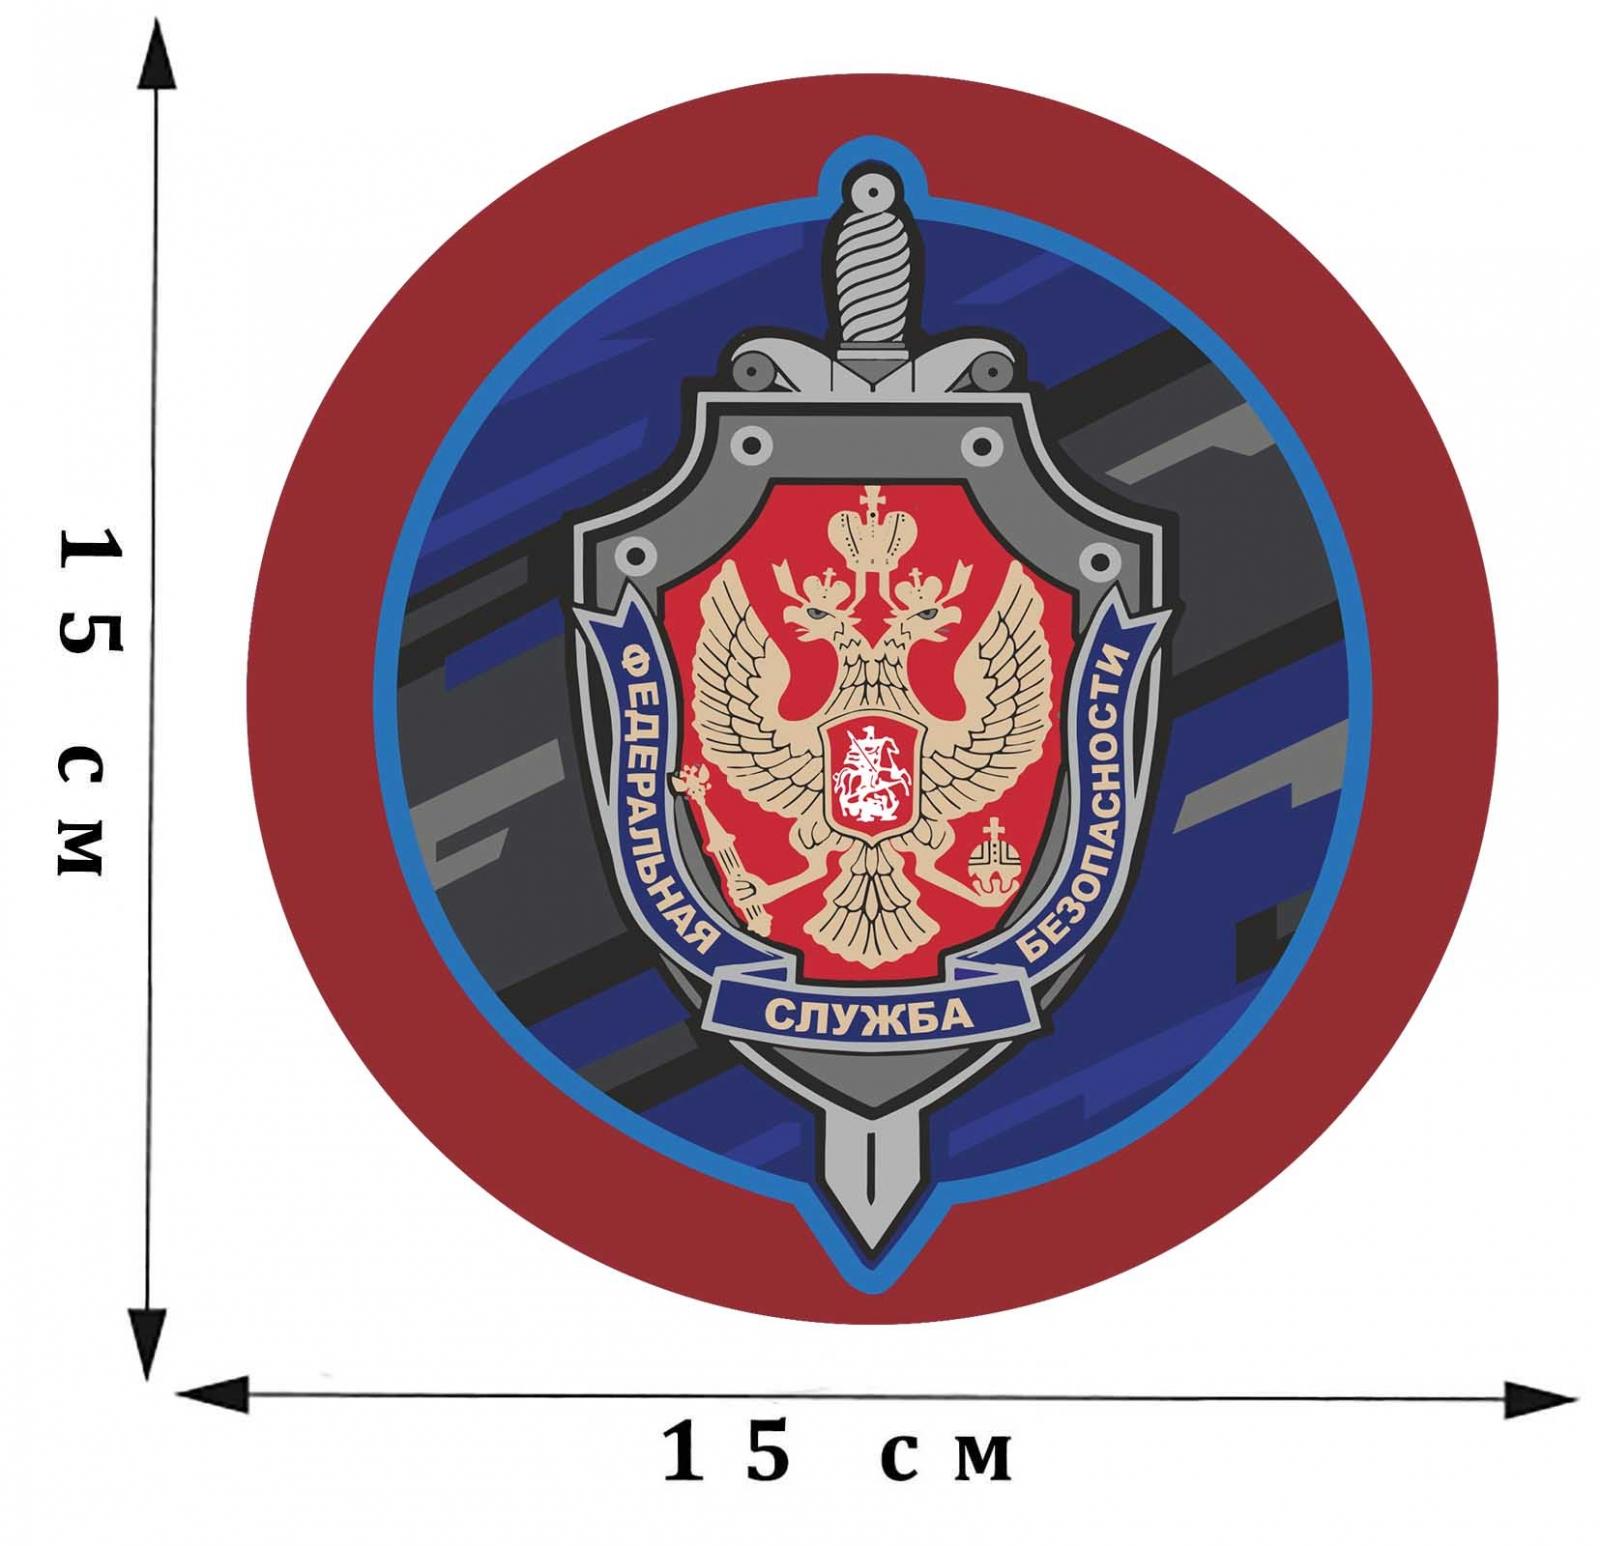 Тематическая наклейка с эмблемой ФСБ